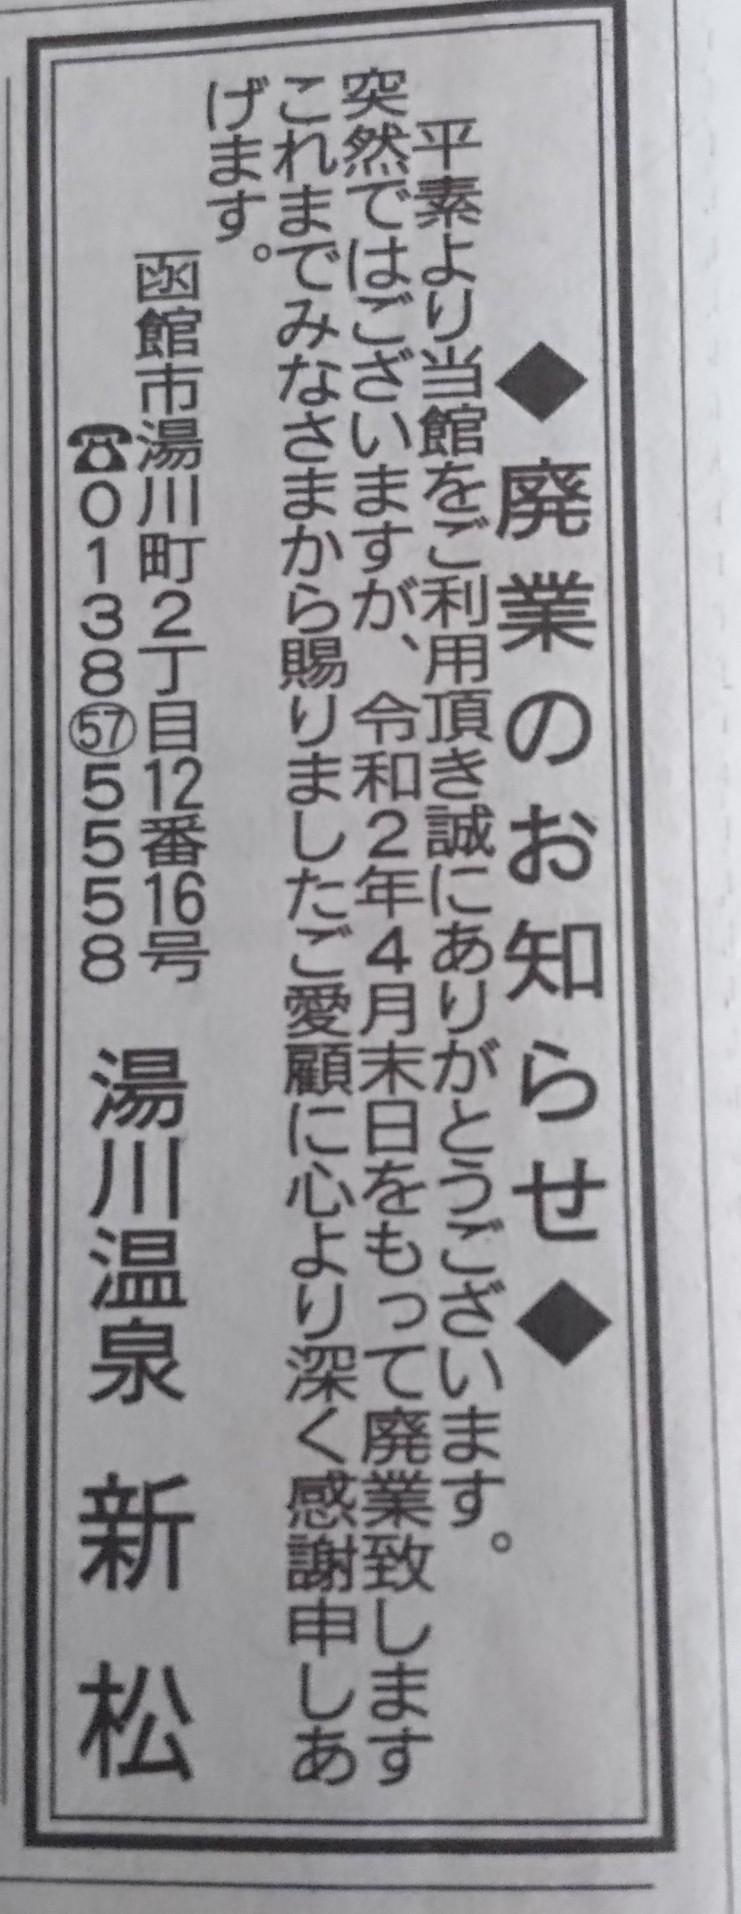 湯川温泉新松が閉店。非常に残念_b0106766_06184004.jpg